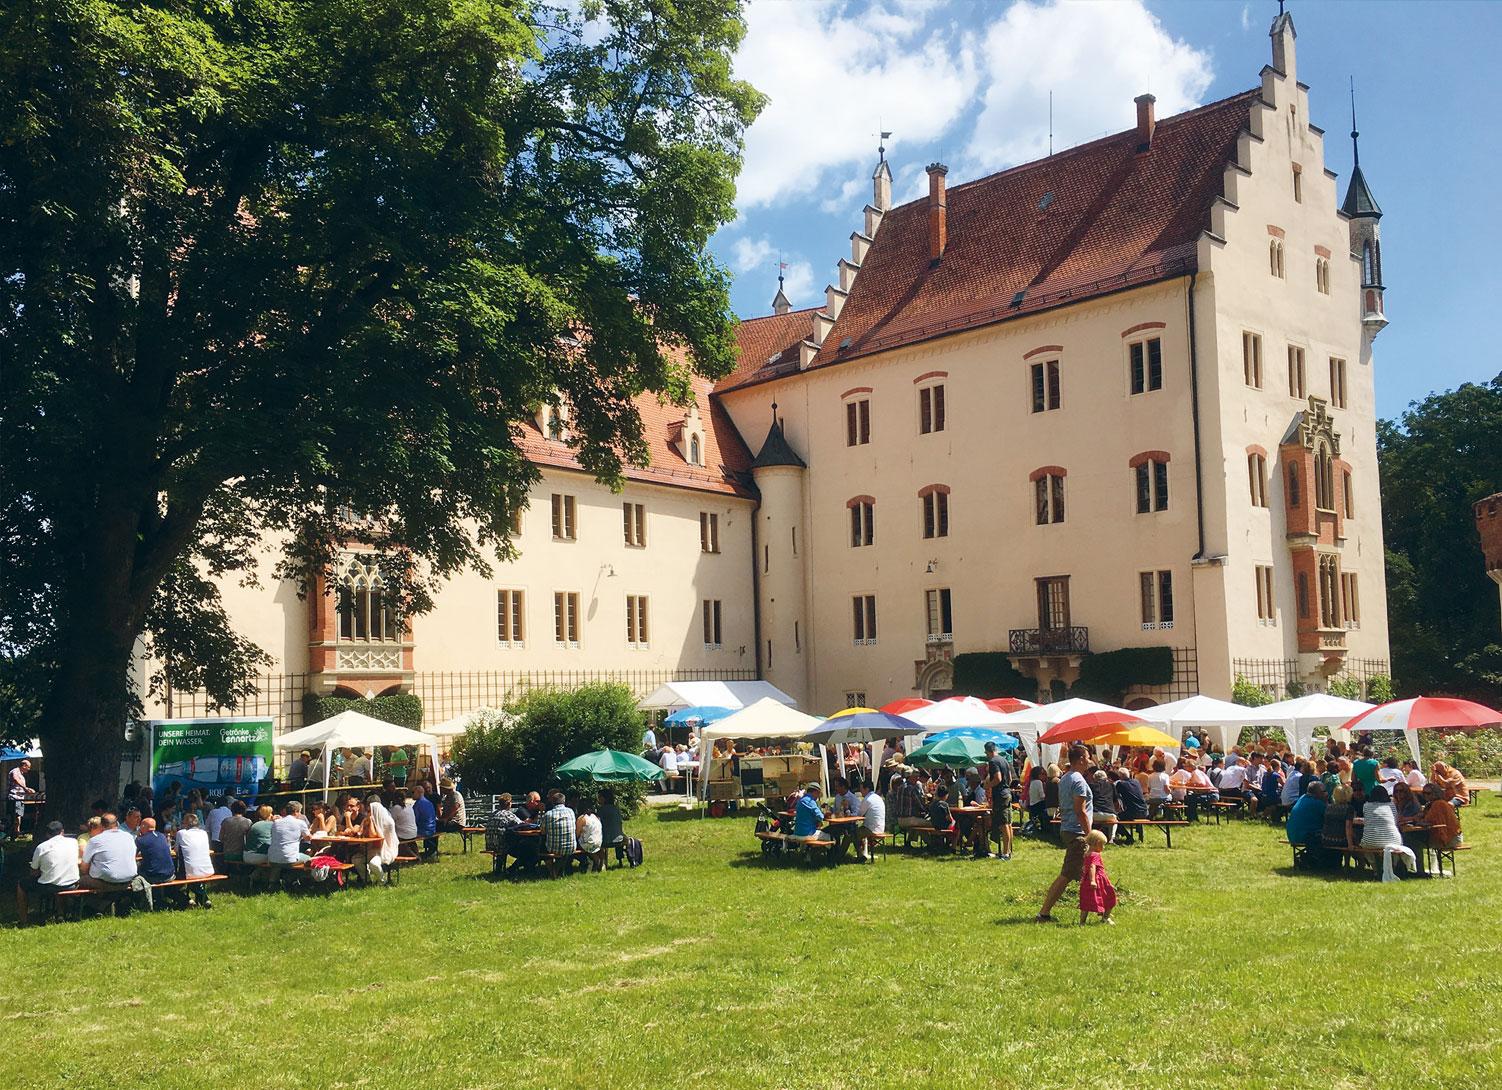 Haunsheim